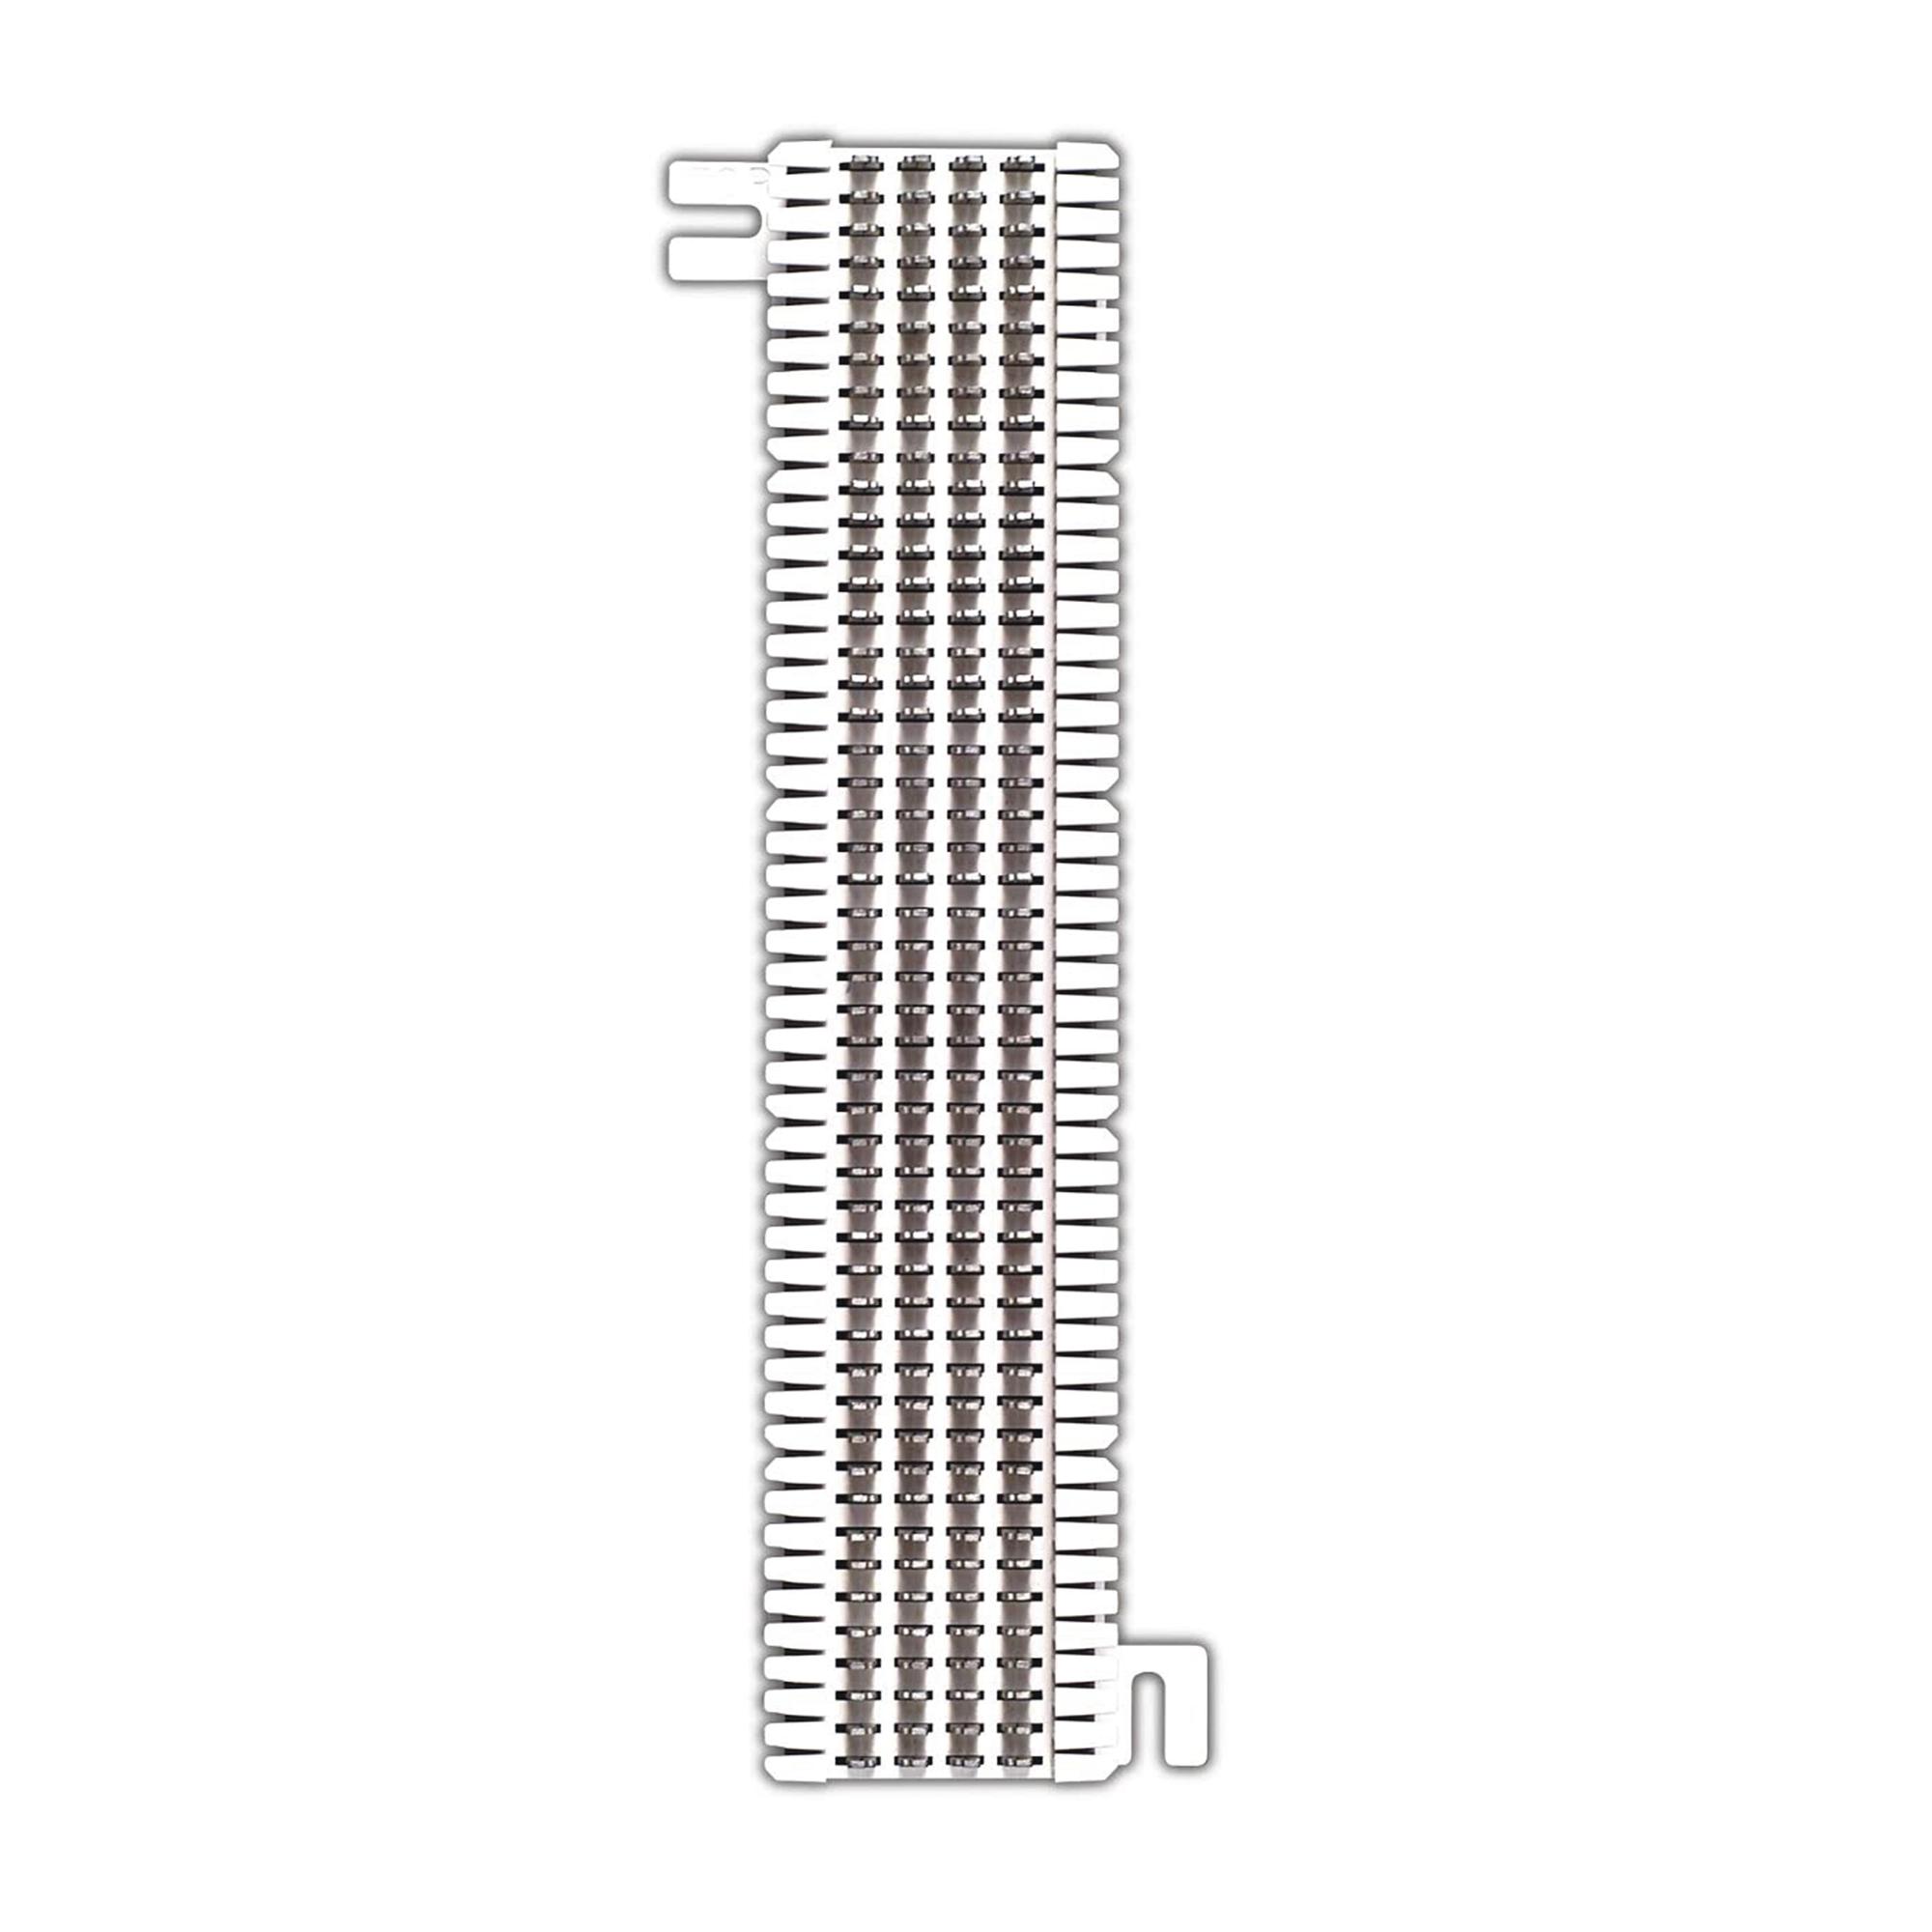 Bloque de Conexión S66, Capacidad de 50 Pares, Cat5e, Para Cable Sólido 22 a 26 AWG